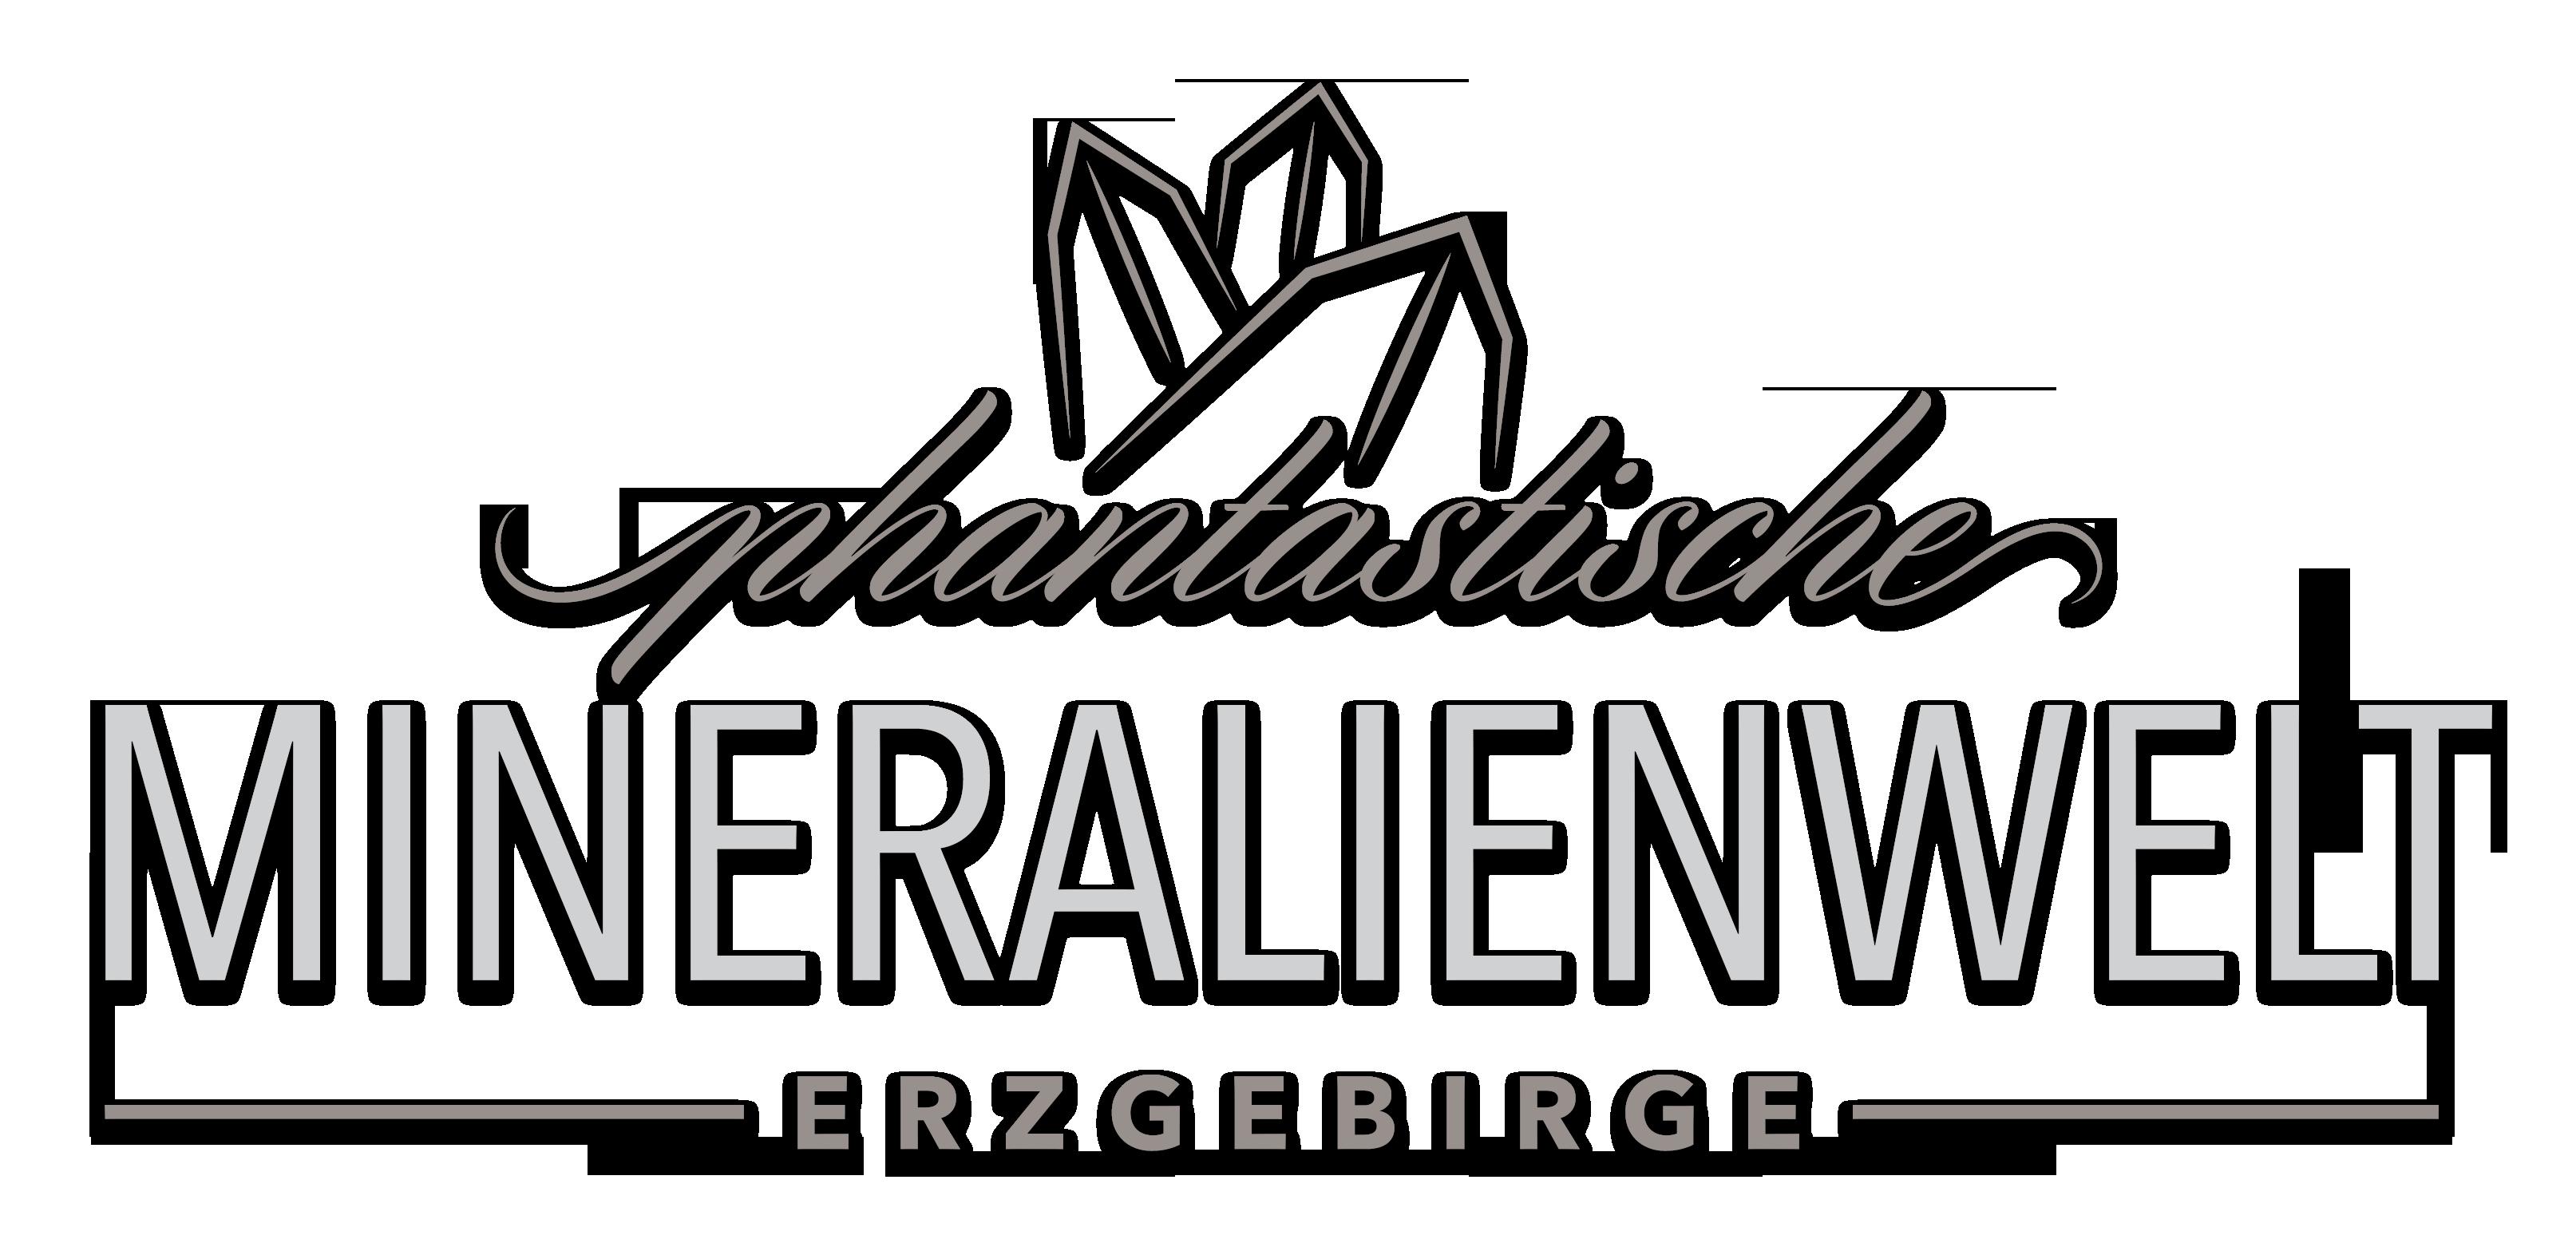 Phantastische Mineralienwelt Erzgebirge